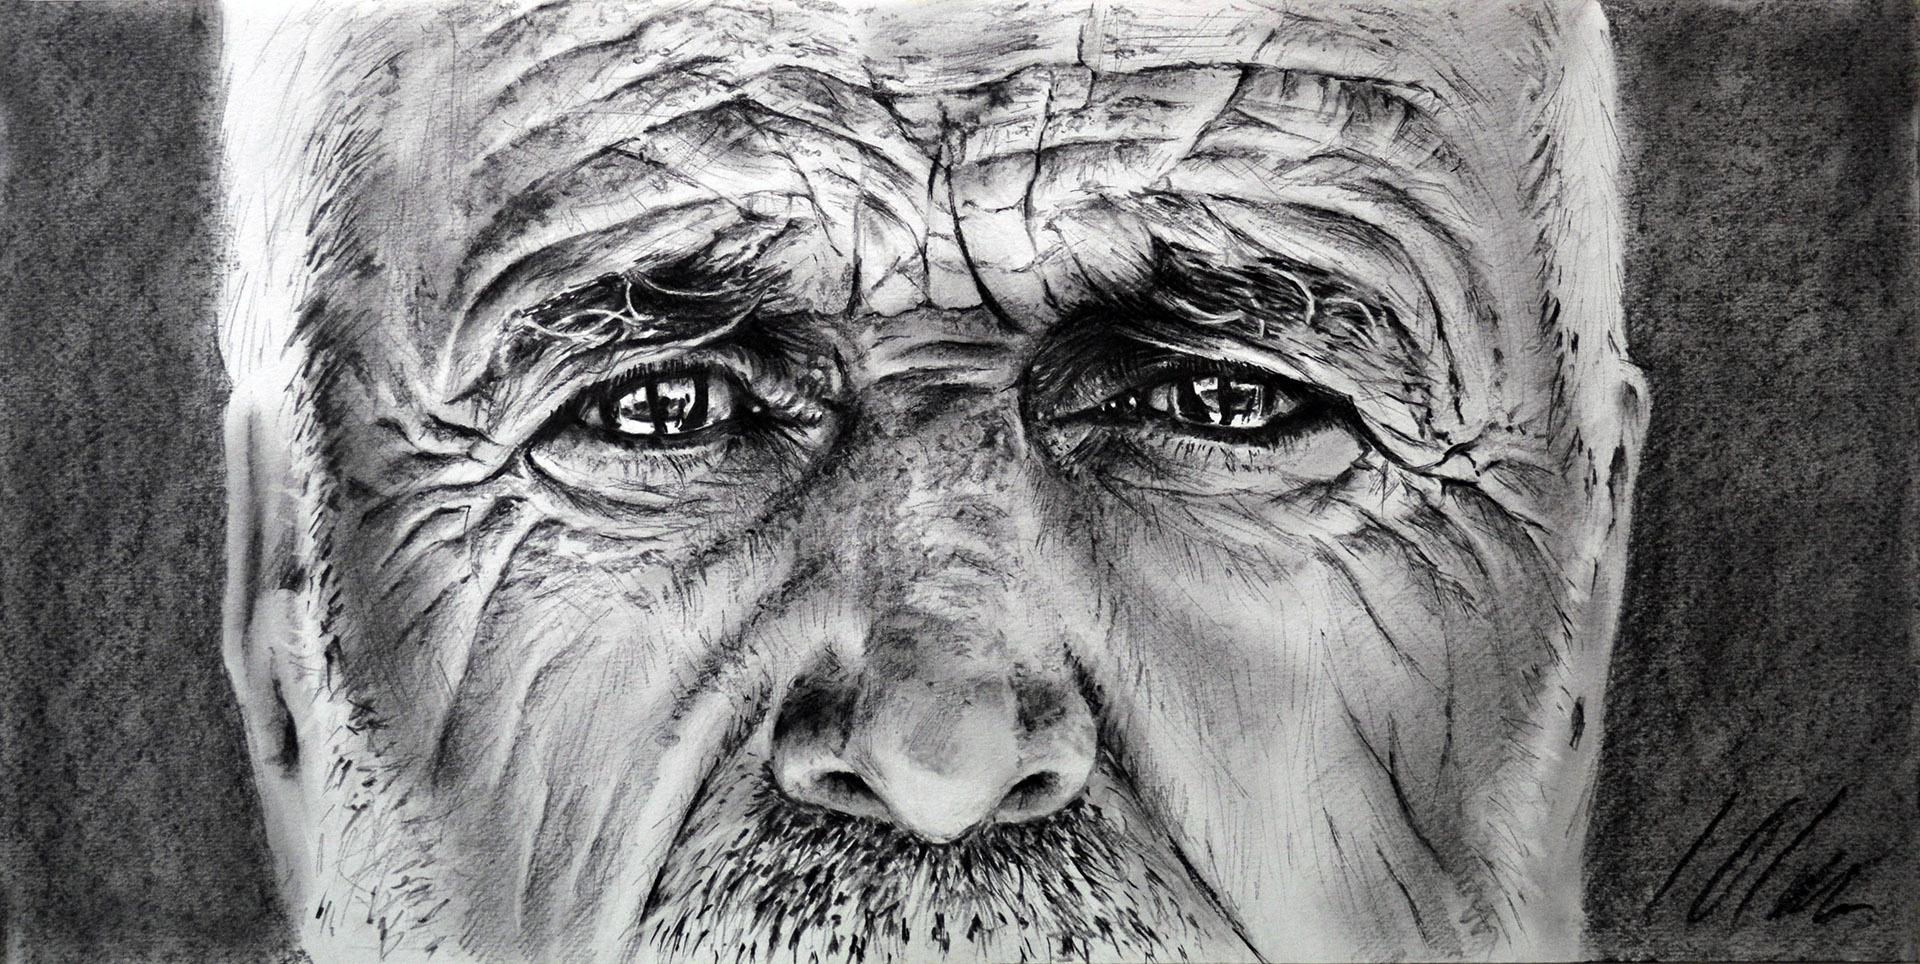 Ibrahim. Javier Olmedo, grafito, 50 x 26 cm. A partir de la fotografía de portada de la revista ACNUR 2018-1. © ACNUR/ A. Chnkdjl